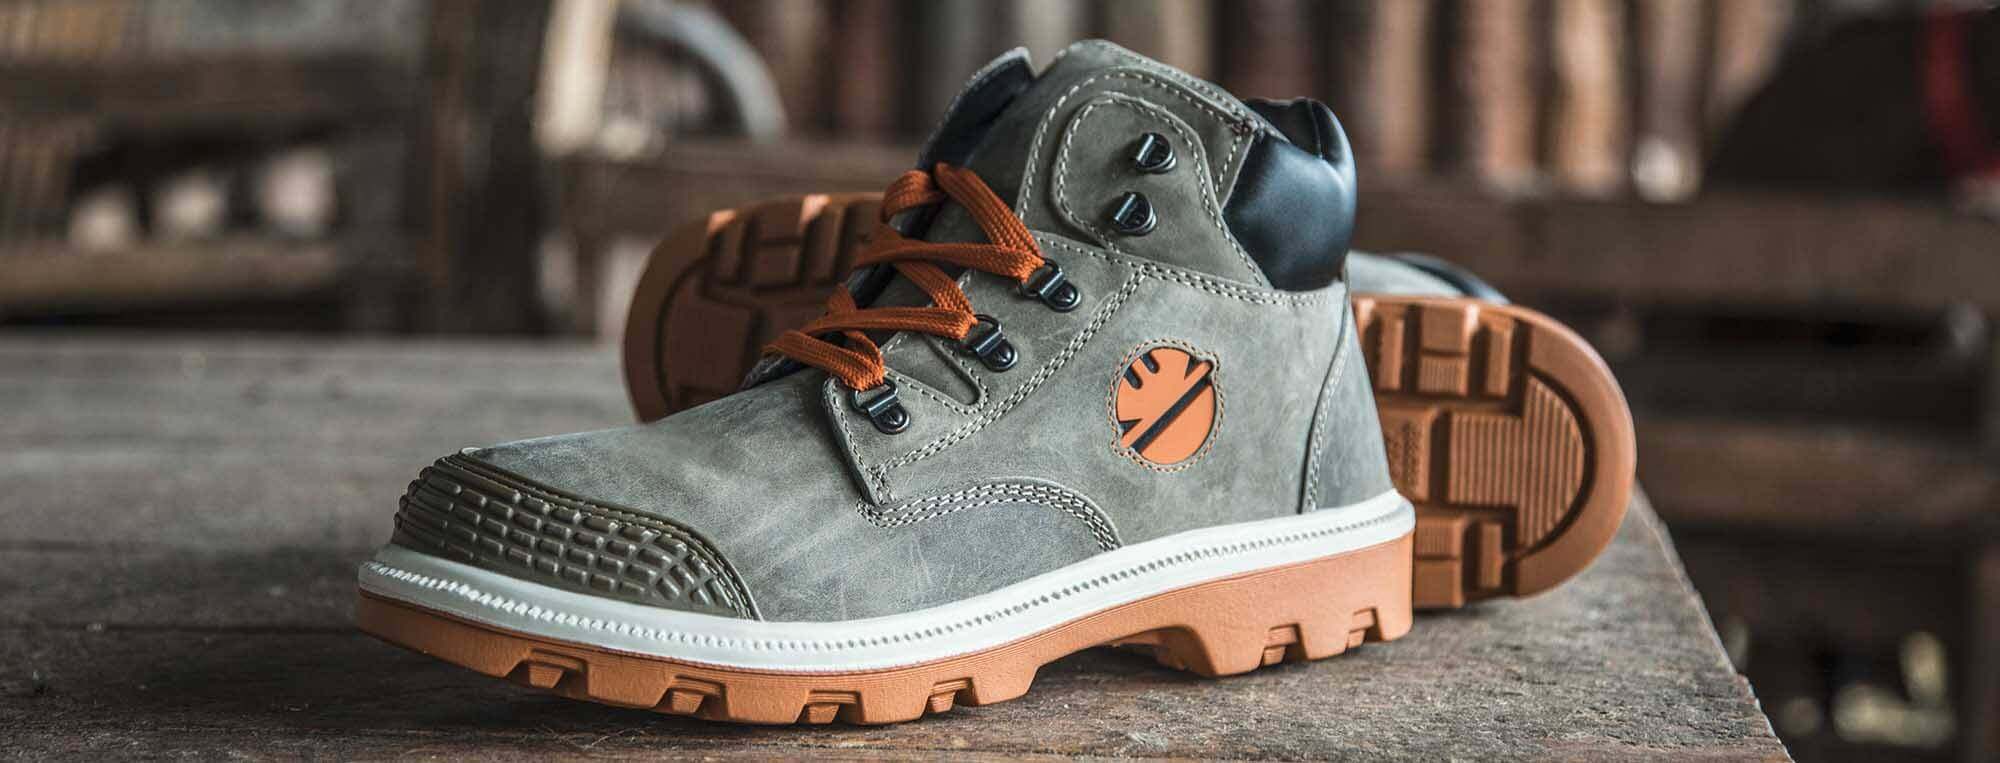 meilleures chaussures de sécurité comparatif guide d'achat